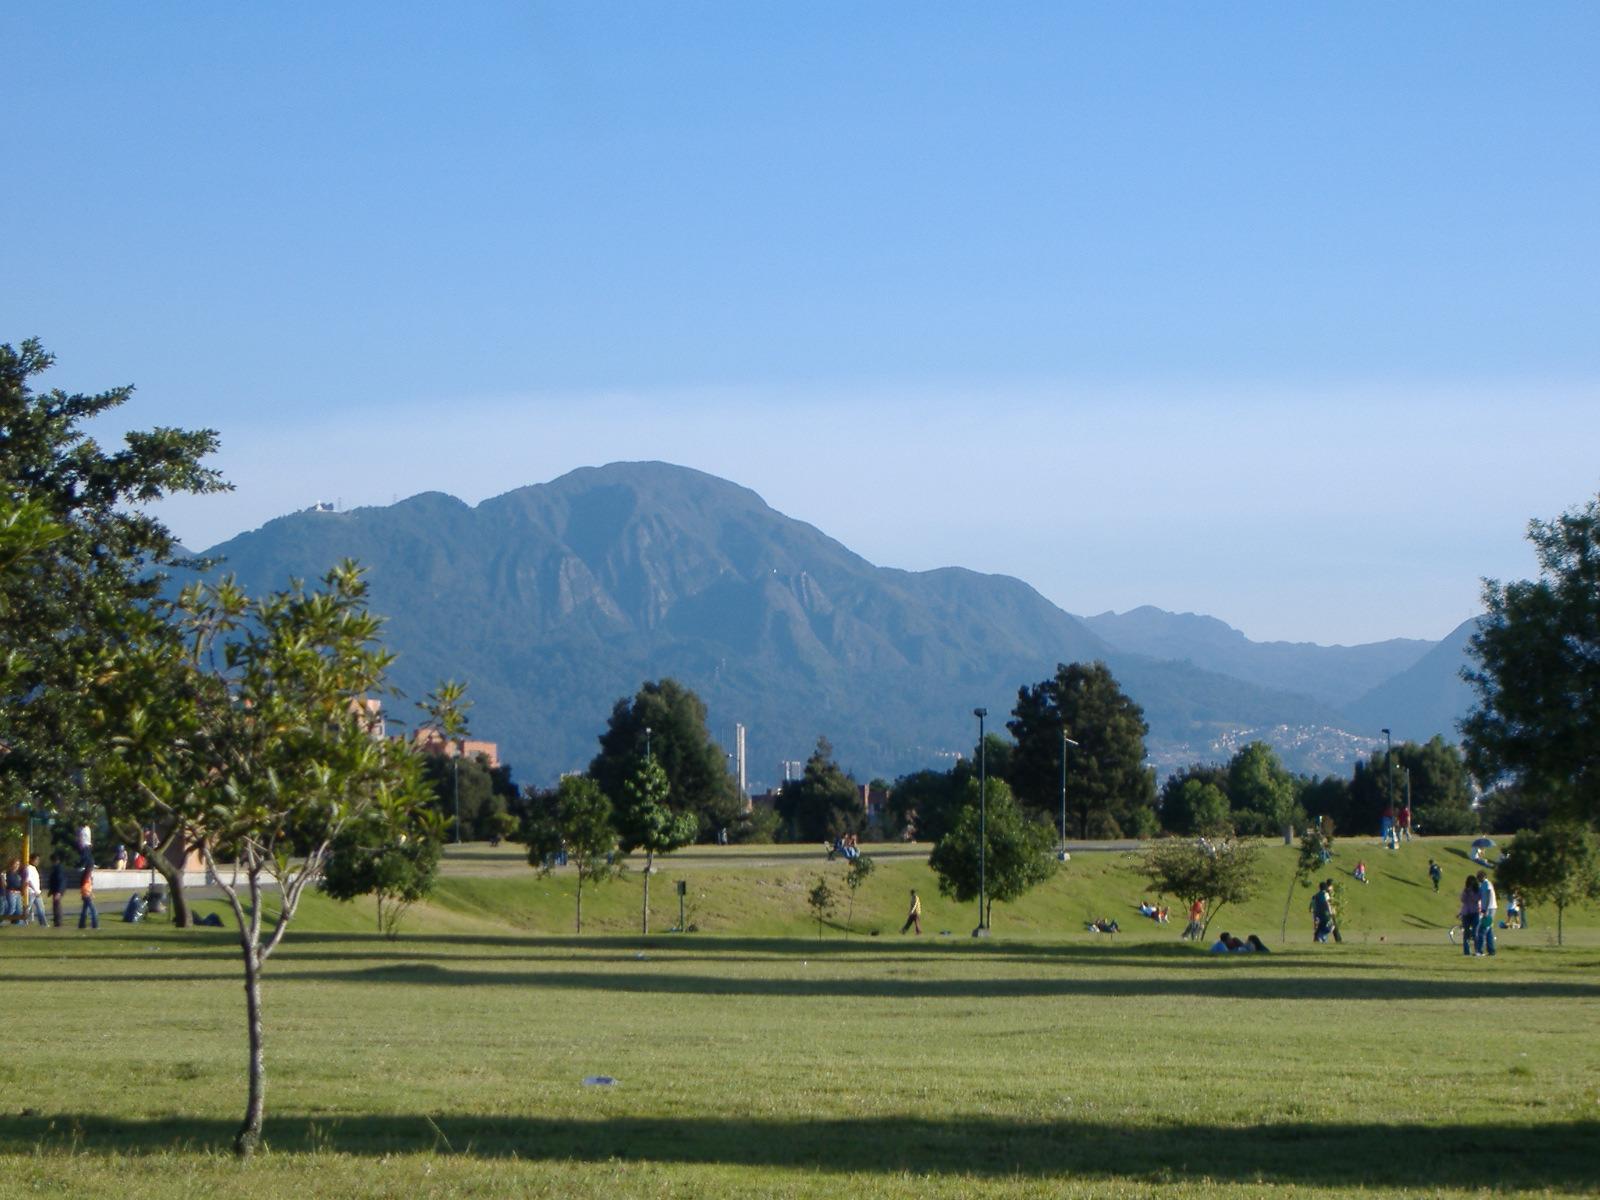 Bogotà¡, depuis le parc Simon Bolivar